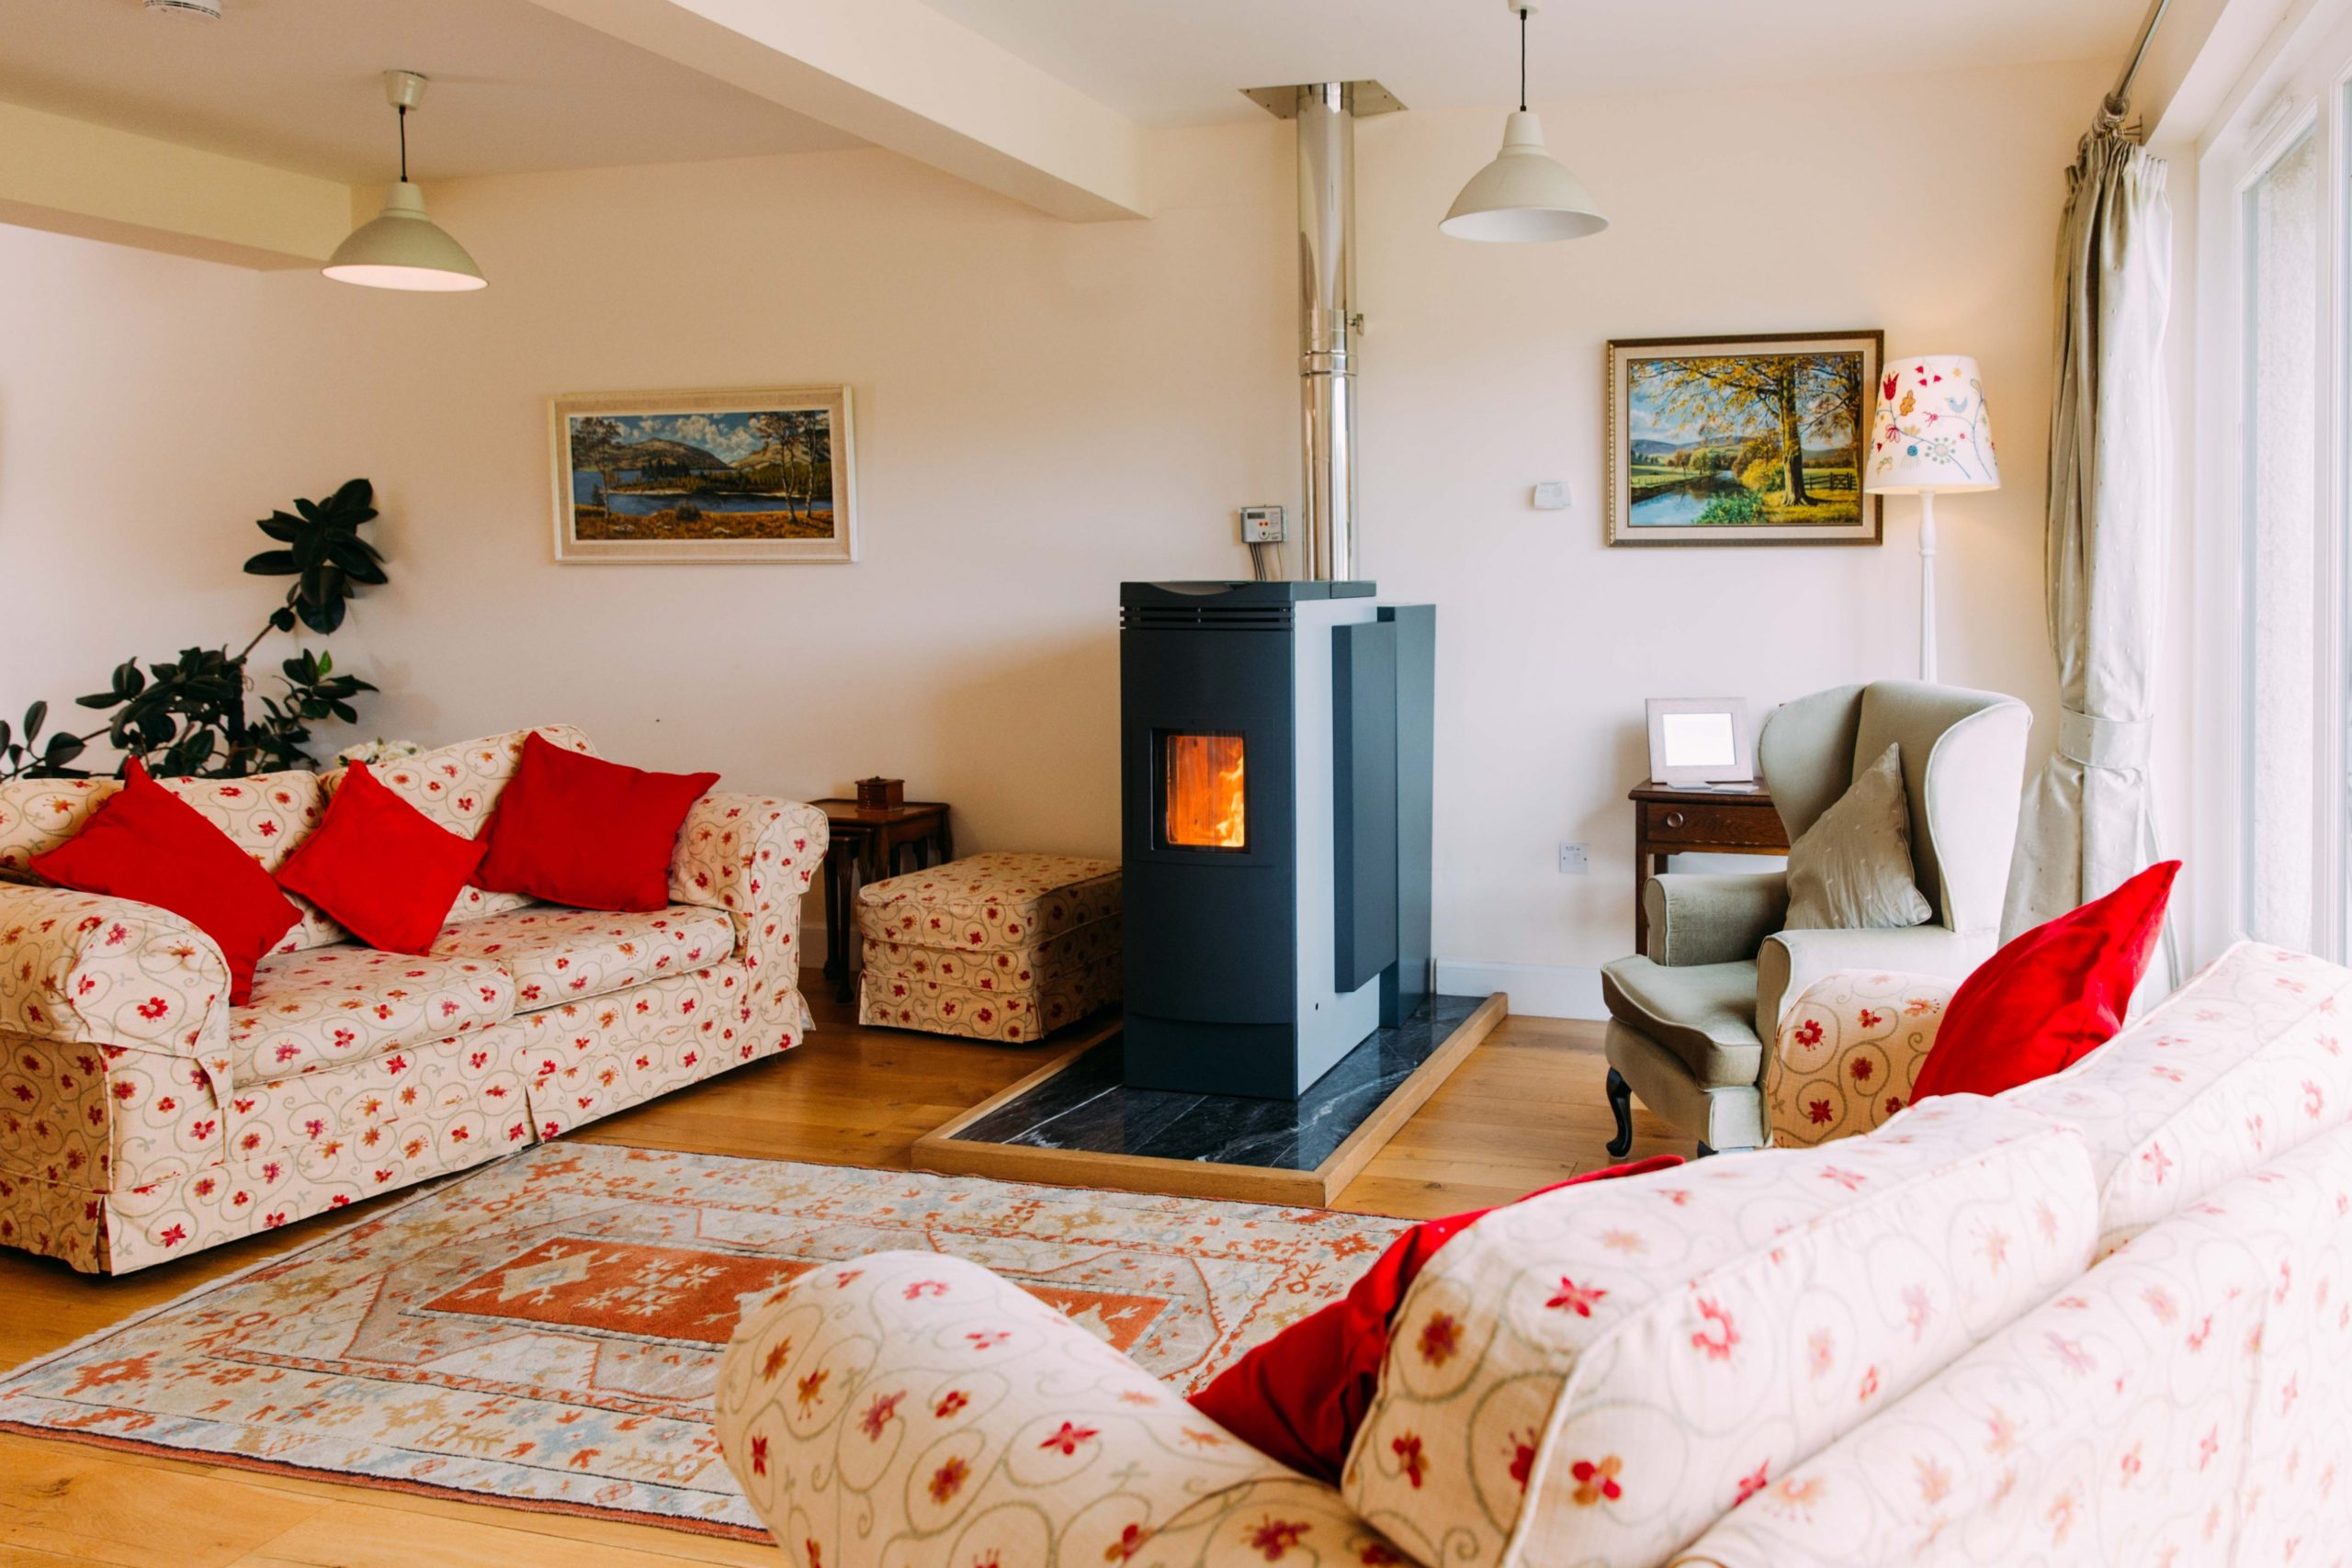 Obrazy : interiér, Domov, chata, dovolenka, útulný ...